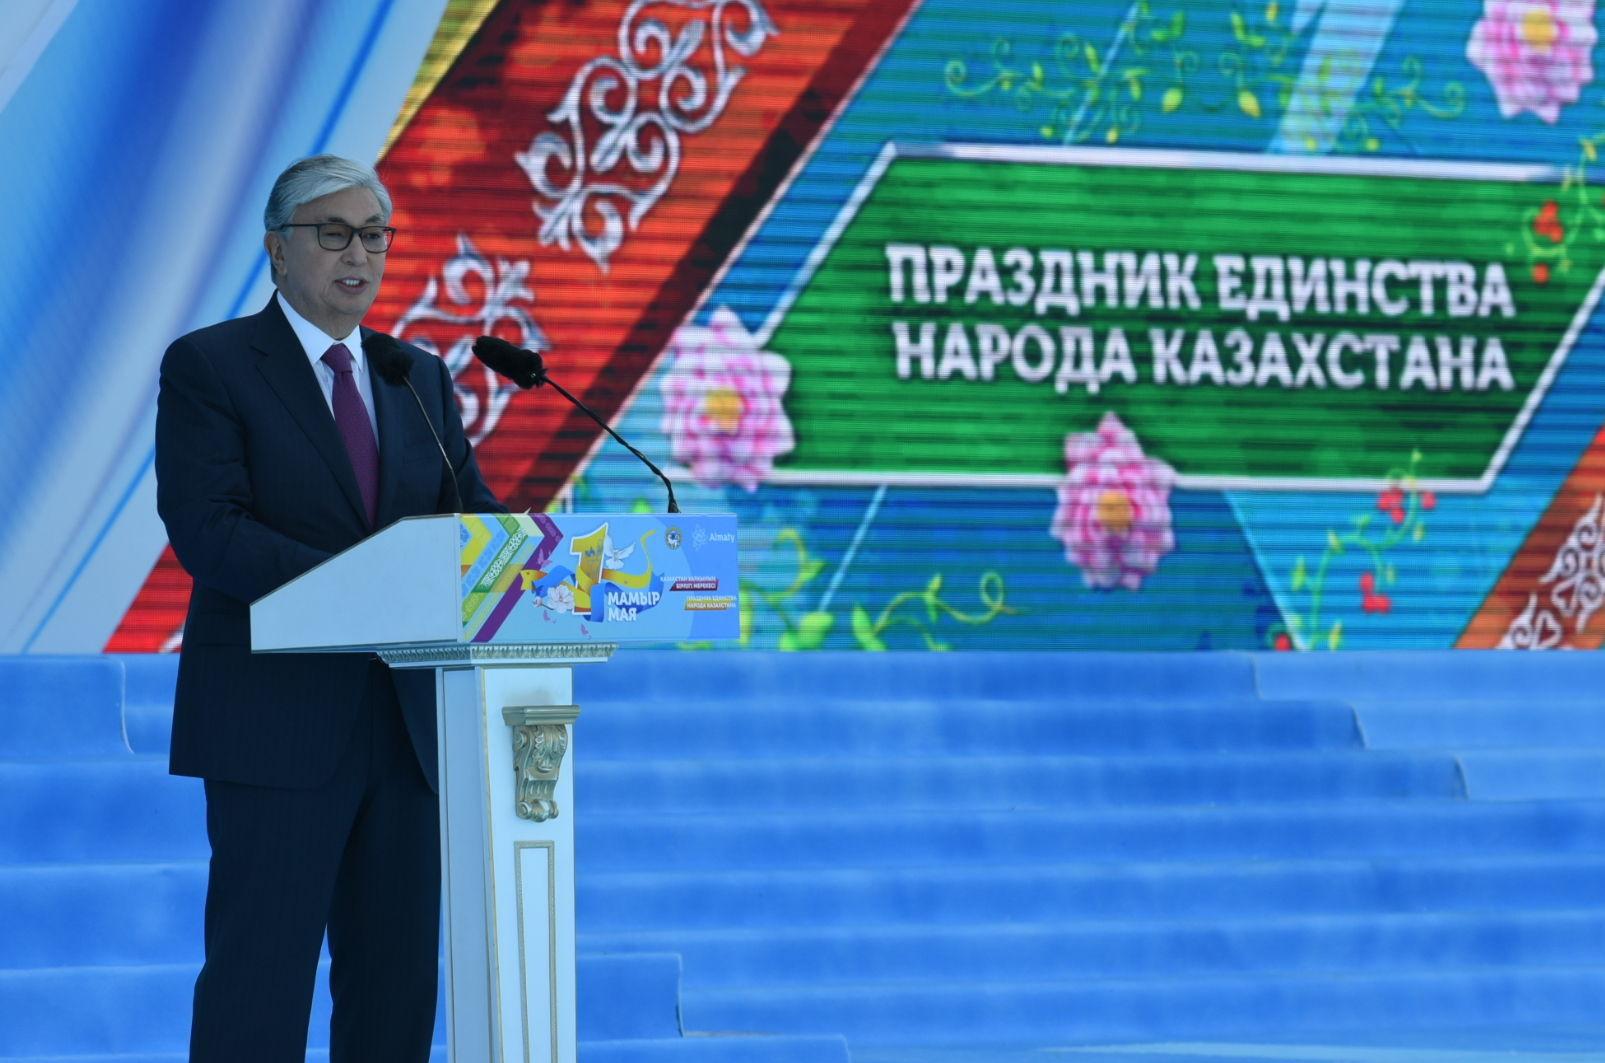 Президент Касым-Жомарт Токаев принимает участие в массовых гуляниях, посвященных Дню единства народа Казахстана